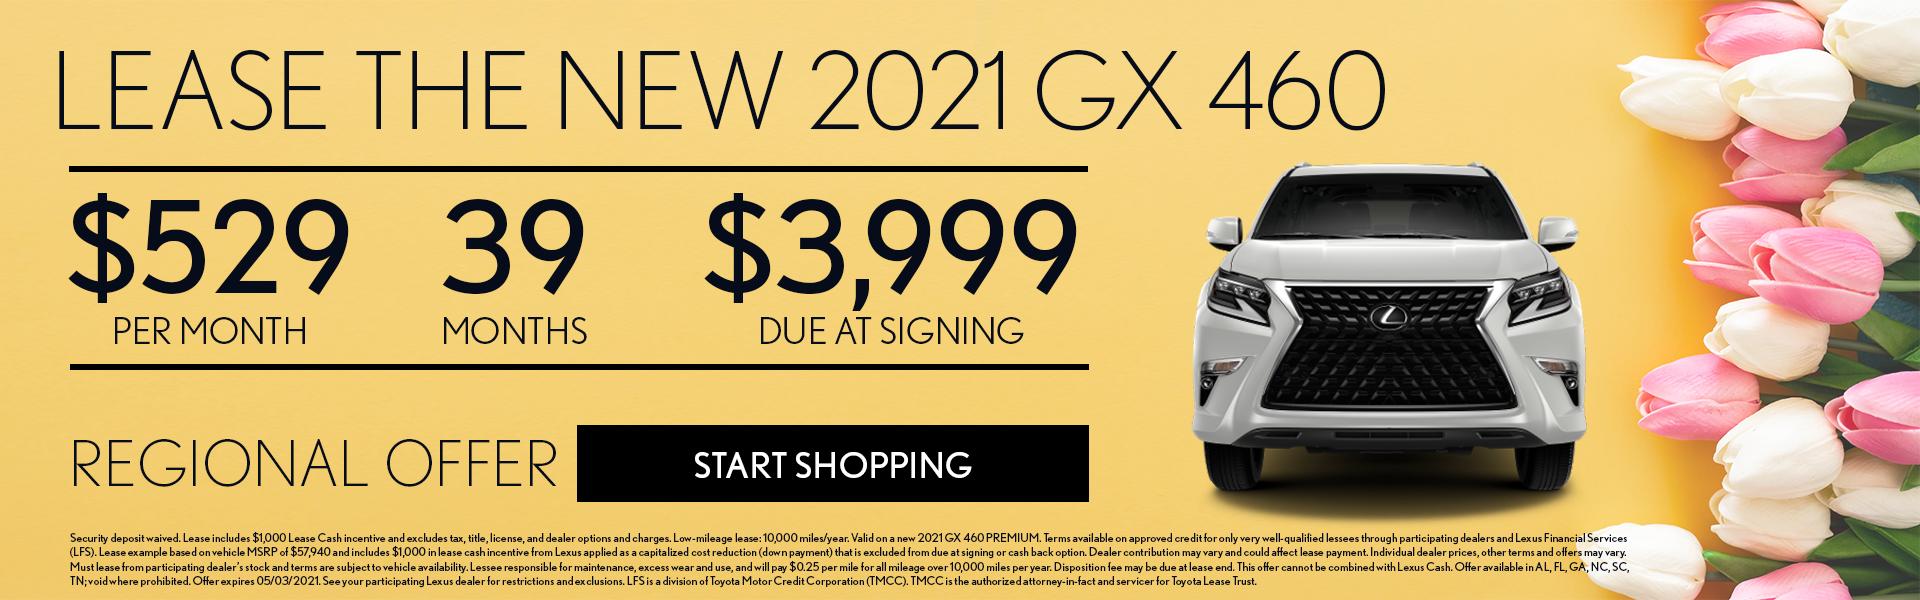 Lexus 2021 GX Offer